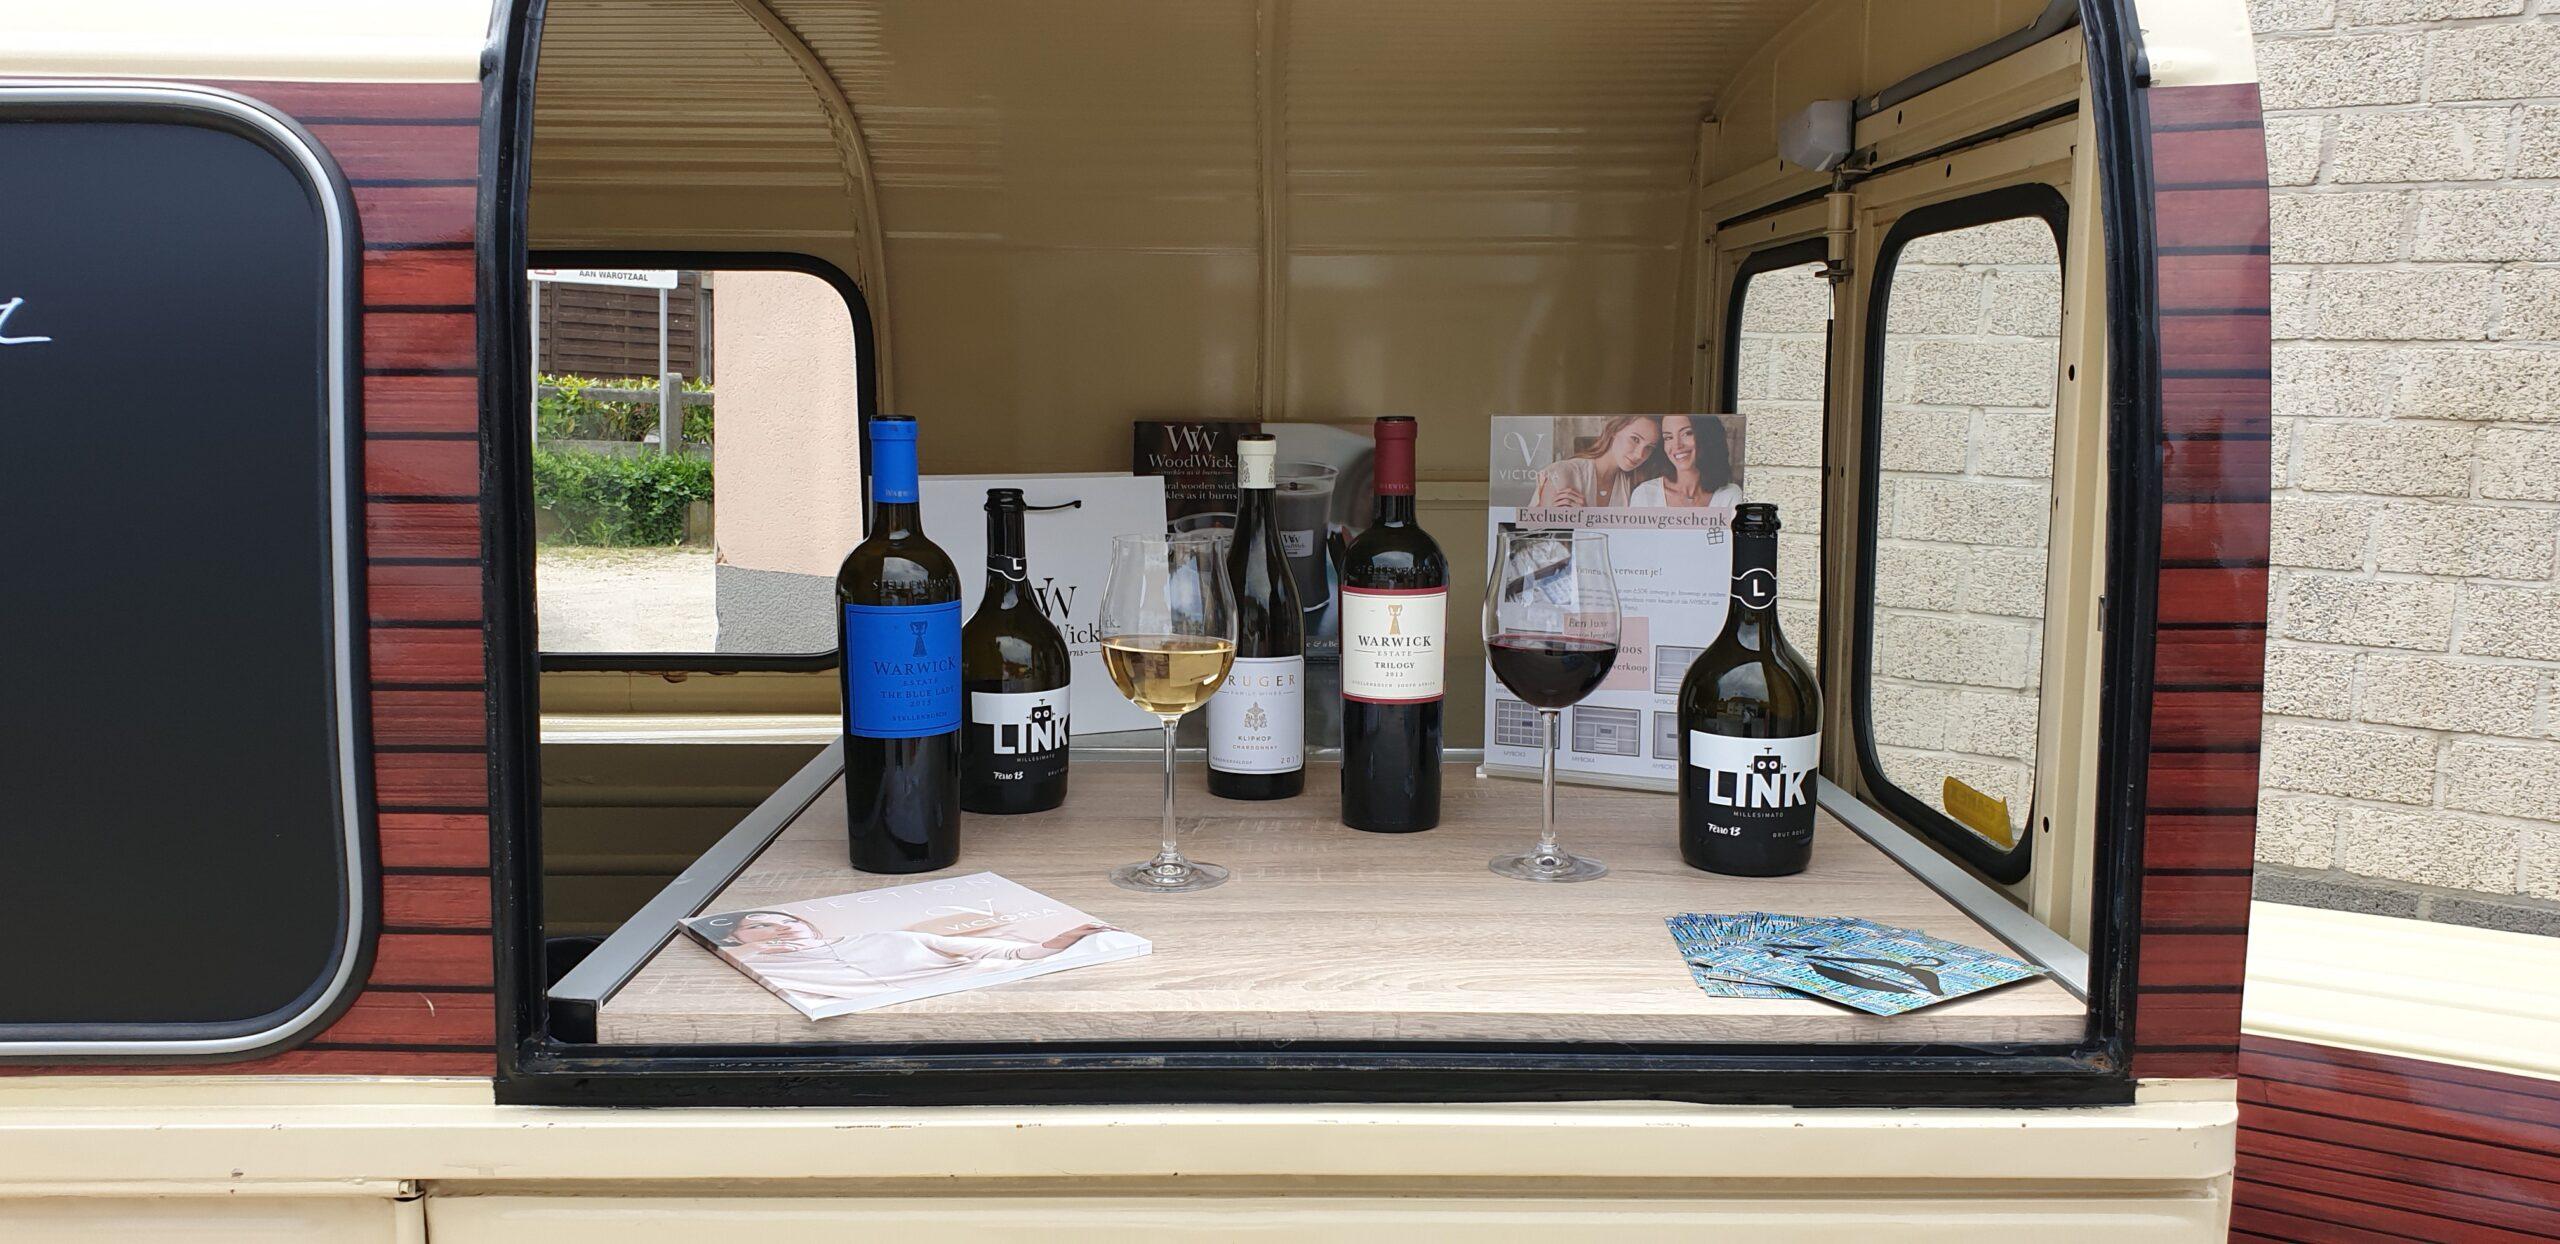 vonkelwijn, prosecco, cava, champagne